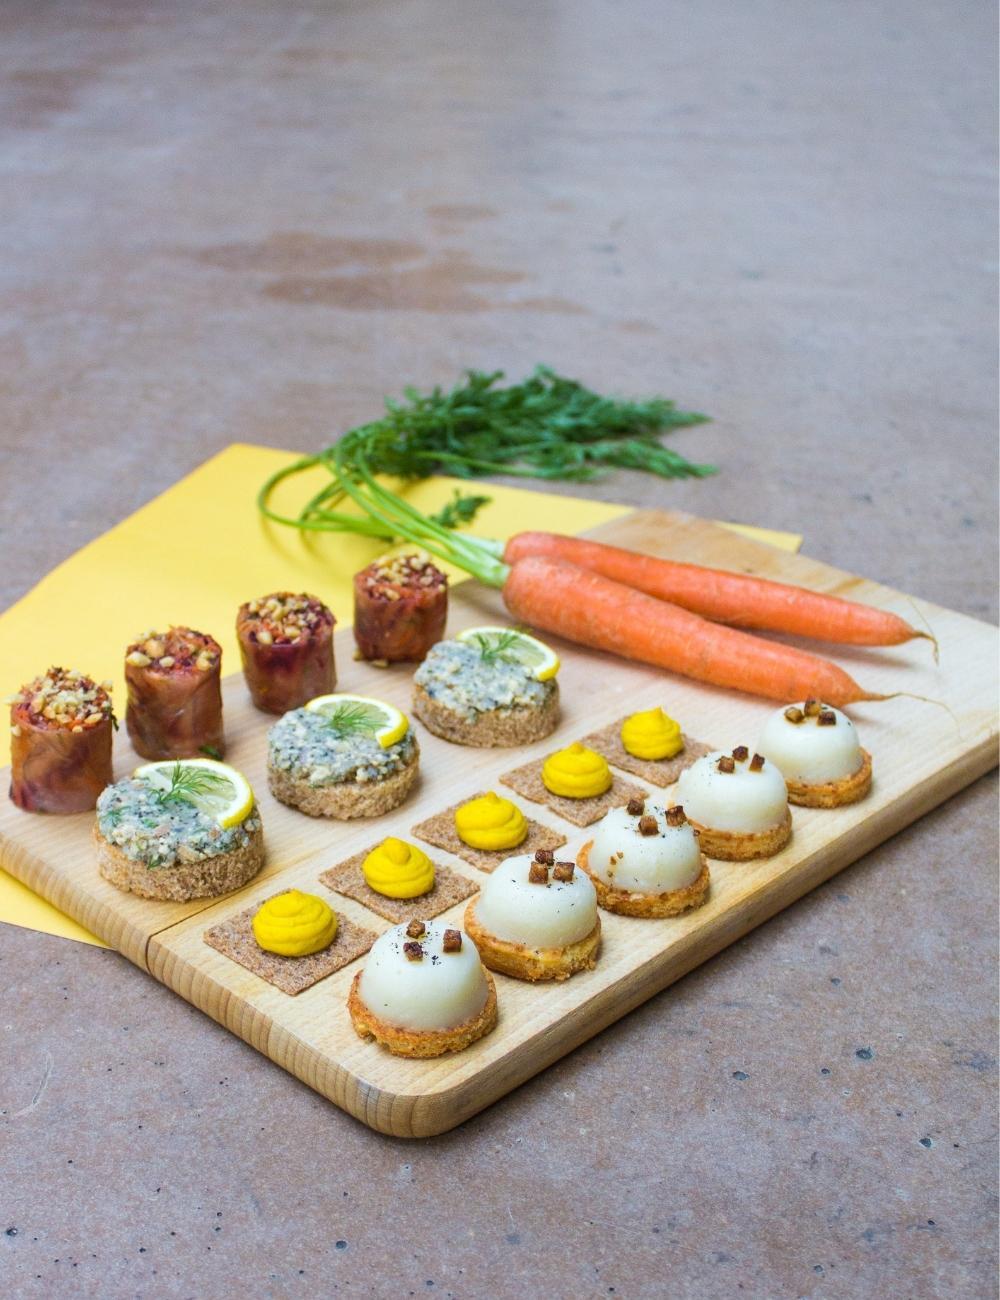 chefing adapte ses menus selon les restrictions alimentaires de chacun